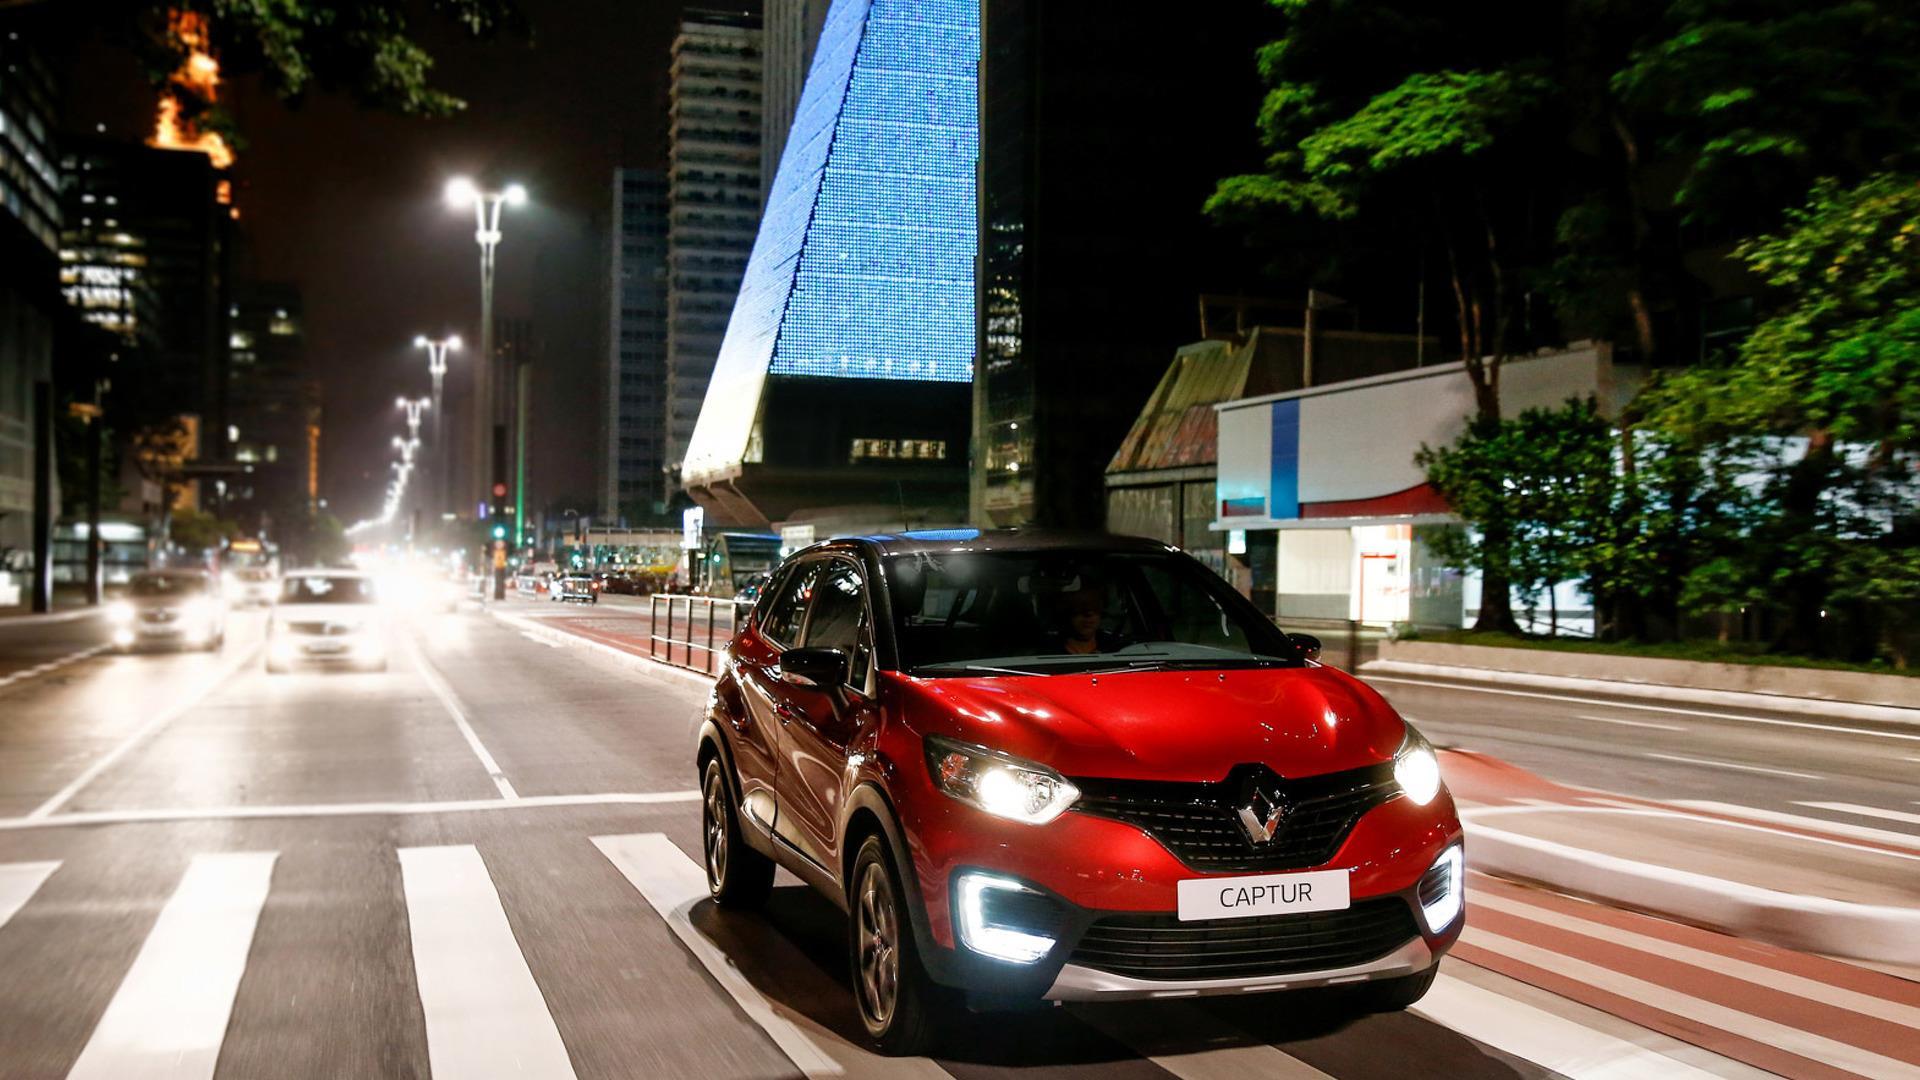 2017 Renault Kaptur image gallery